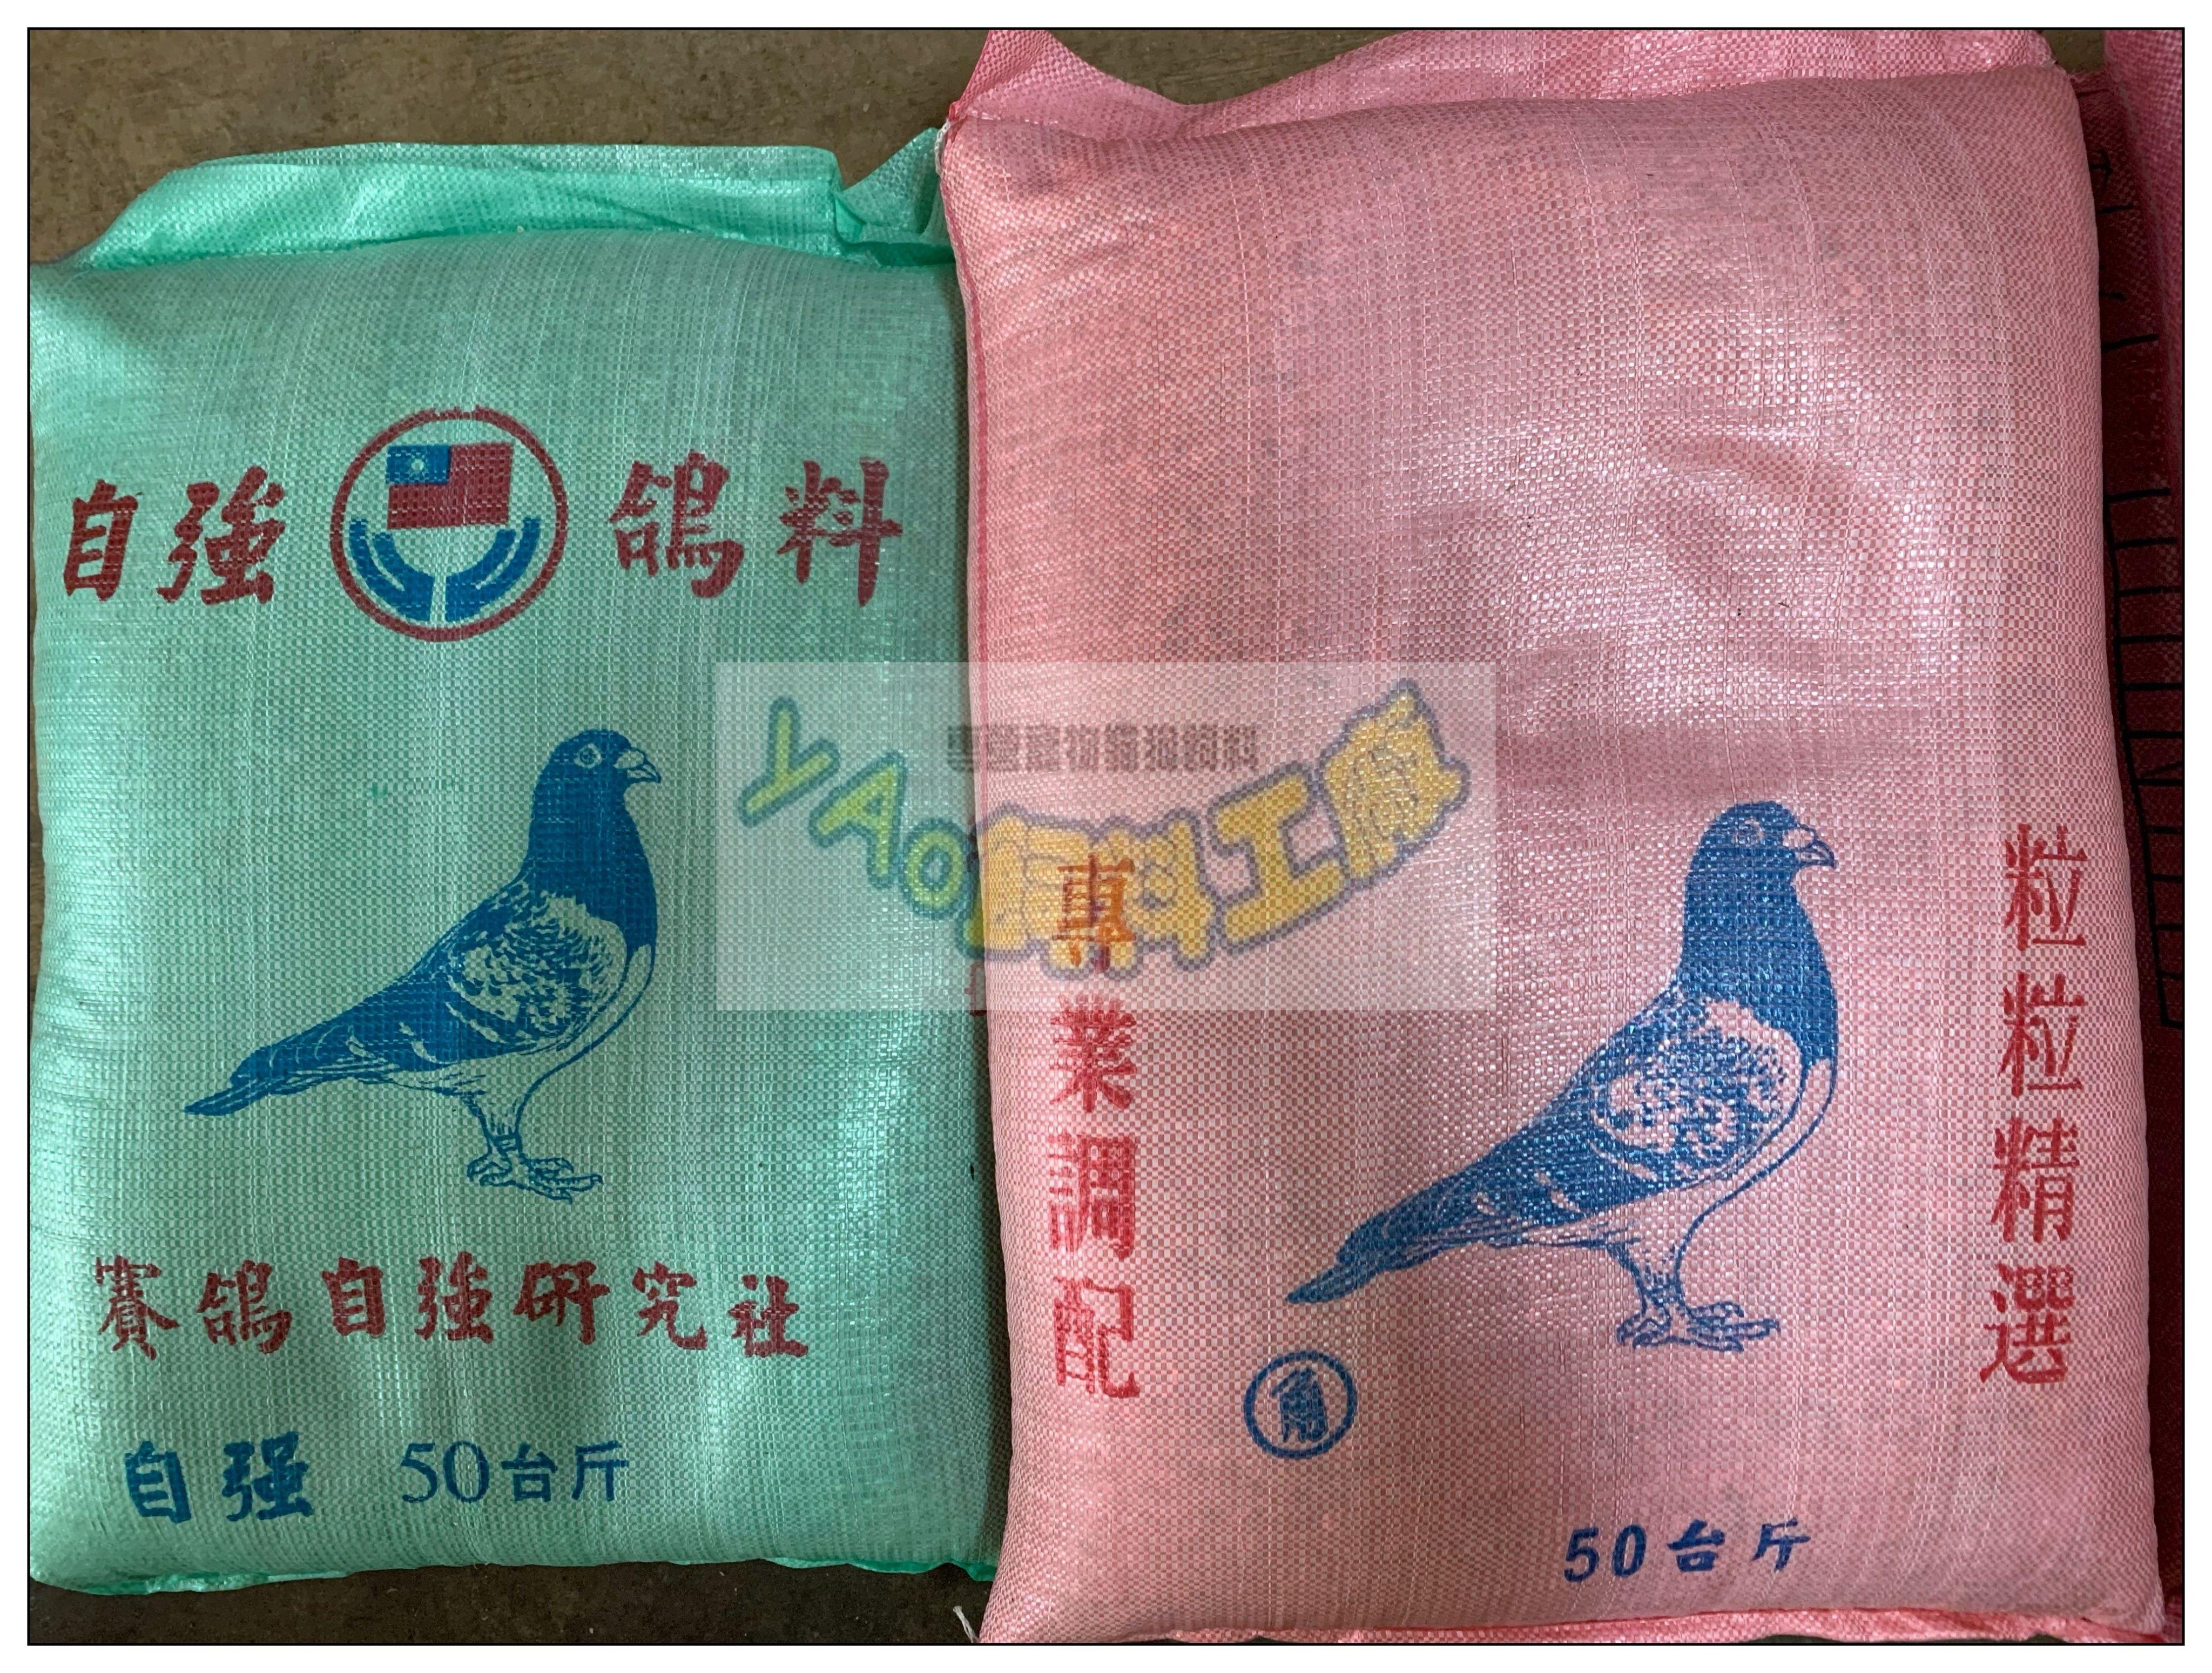 網路最低價 *yAo飼料* 華美牌 鴿米 賽鴿專用綜合飼料 鴿子飼料 30KG 小鳥飼料